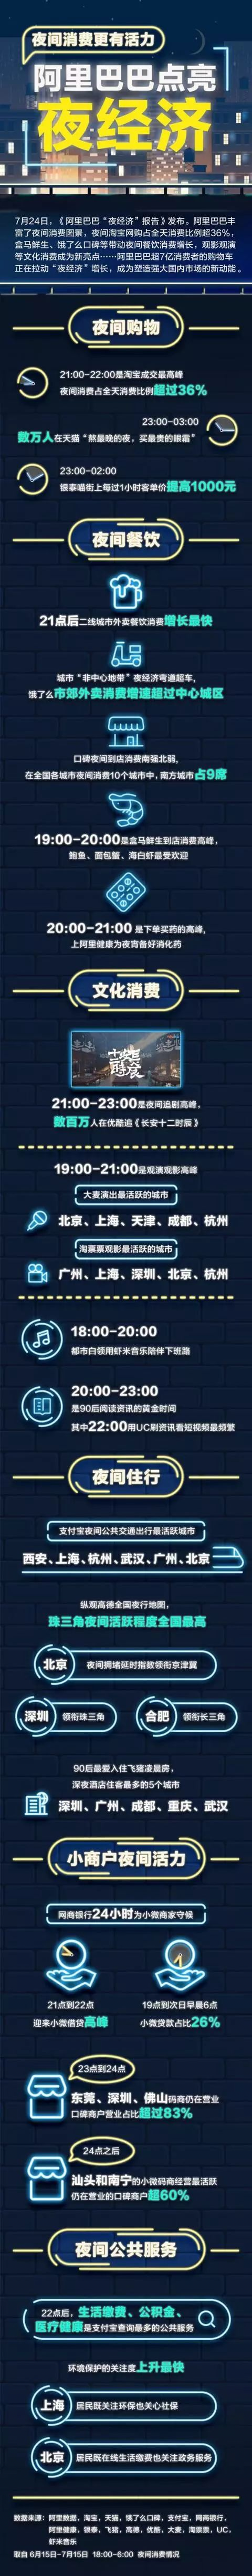 经济 | 阿里巴巴发布夜经济报告,武汉这项夜间消费全国排第二